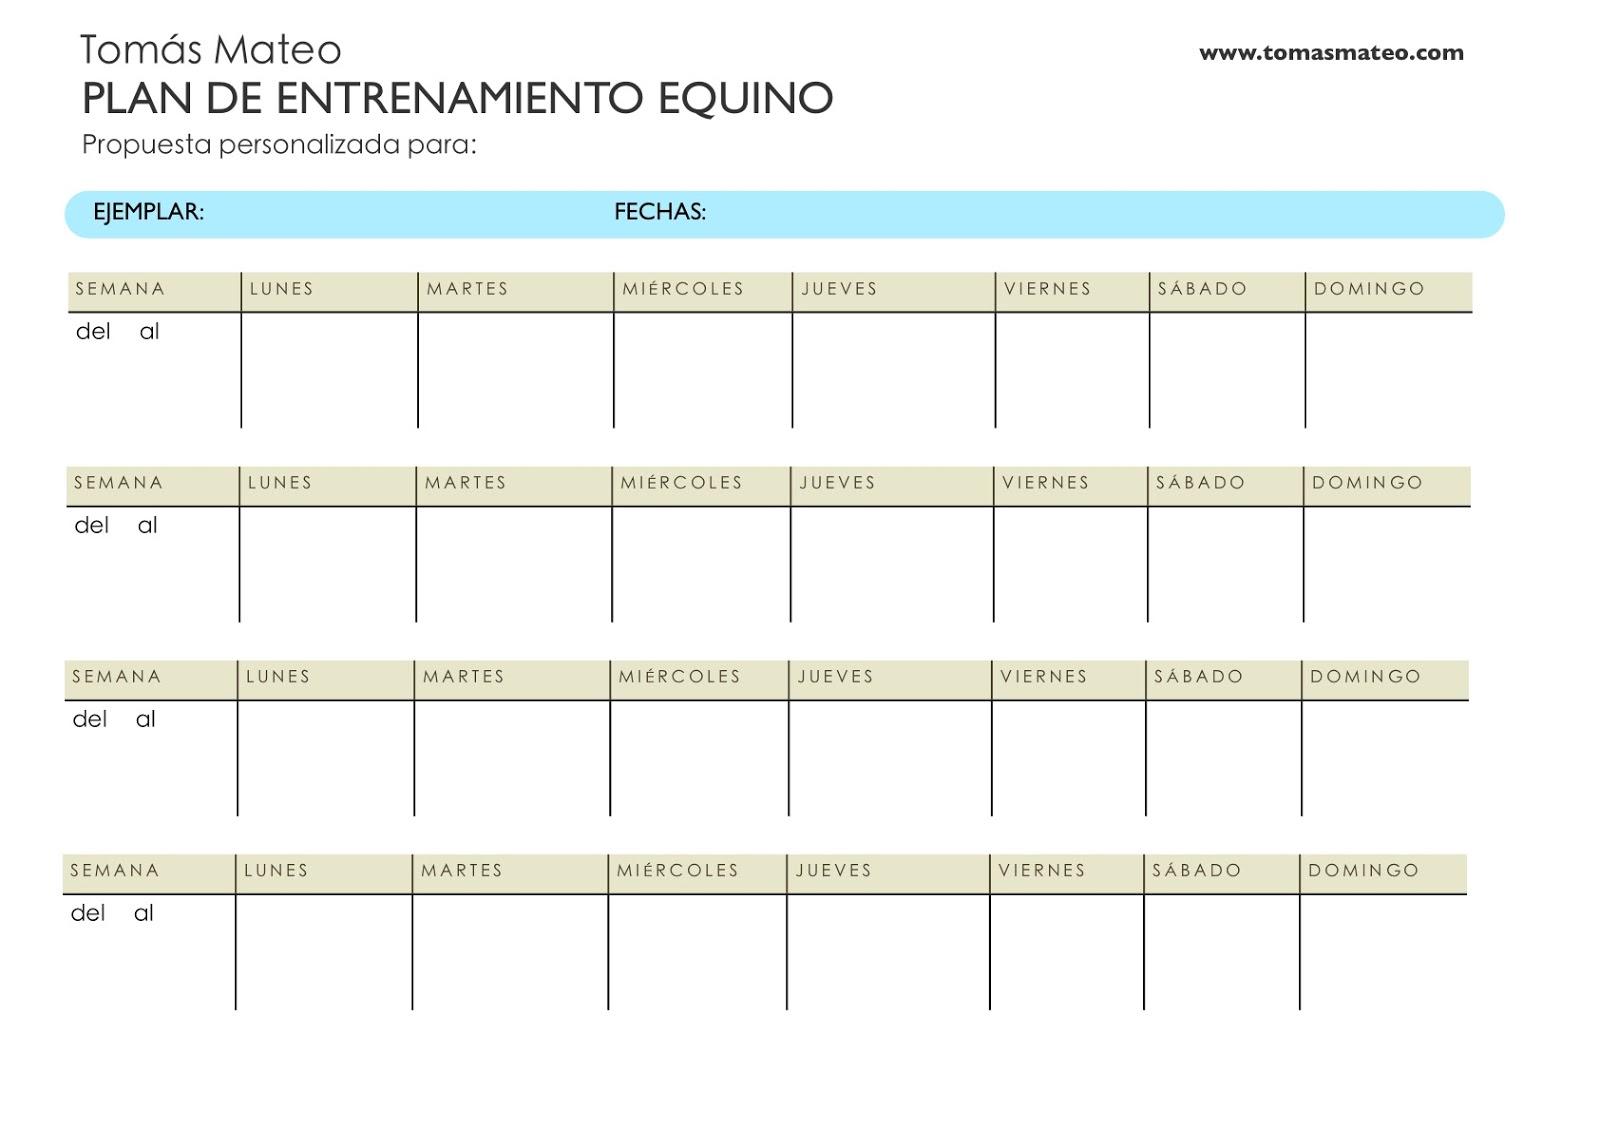 Tomás Mateo_Entrenamiento Equino: Una herramienta muy útil para ...